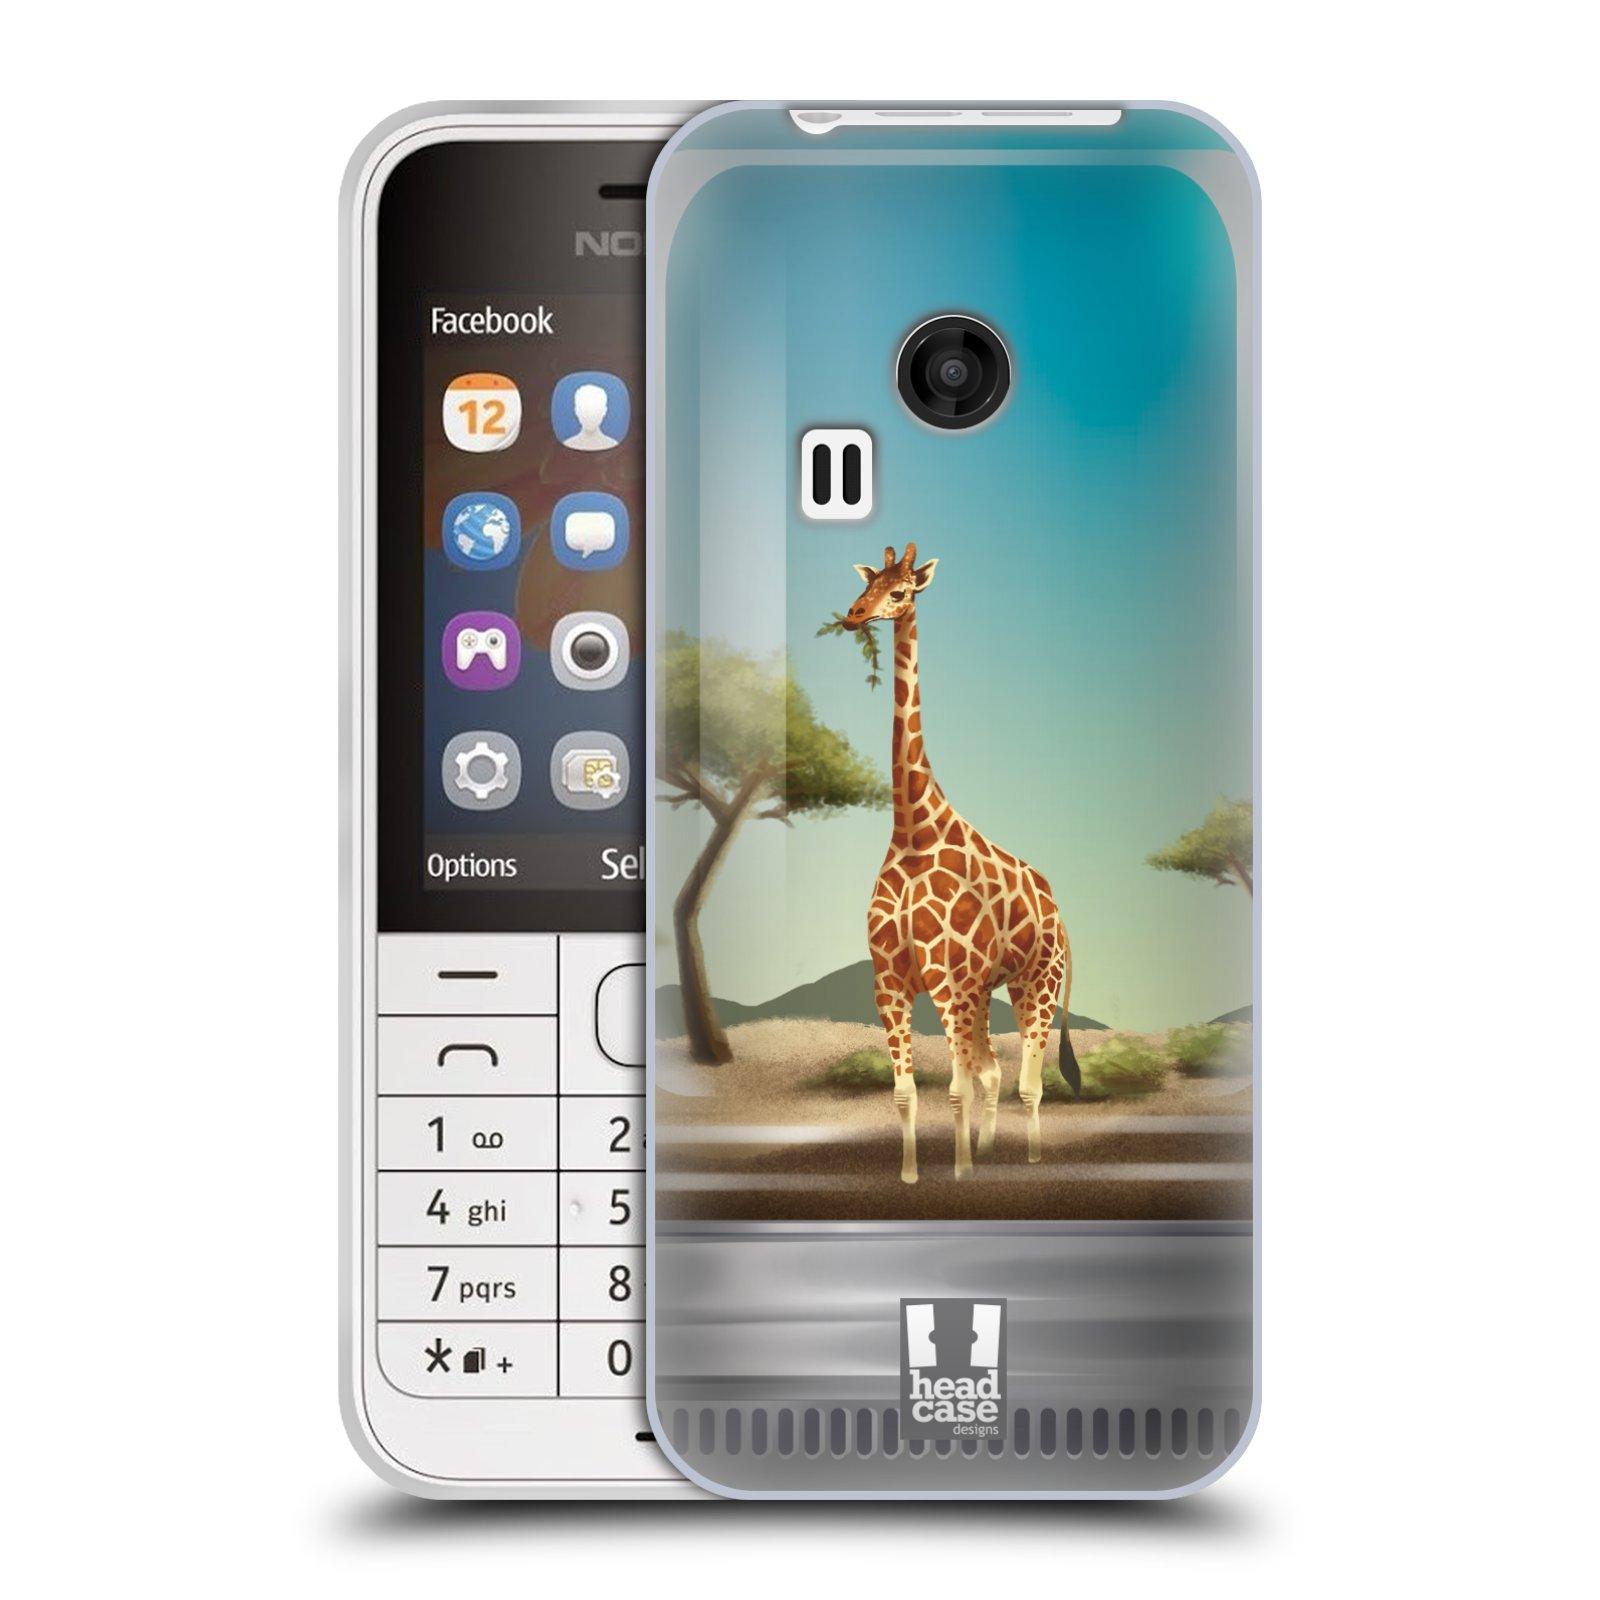 HEAD CASE silikonový obal na mobil NOKIA 220 / NOKIA 220 DUAL SIM vzor Zvířátka v těžítku žirafa